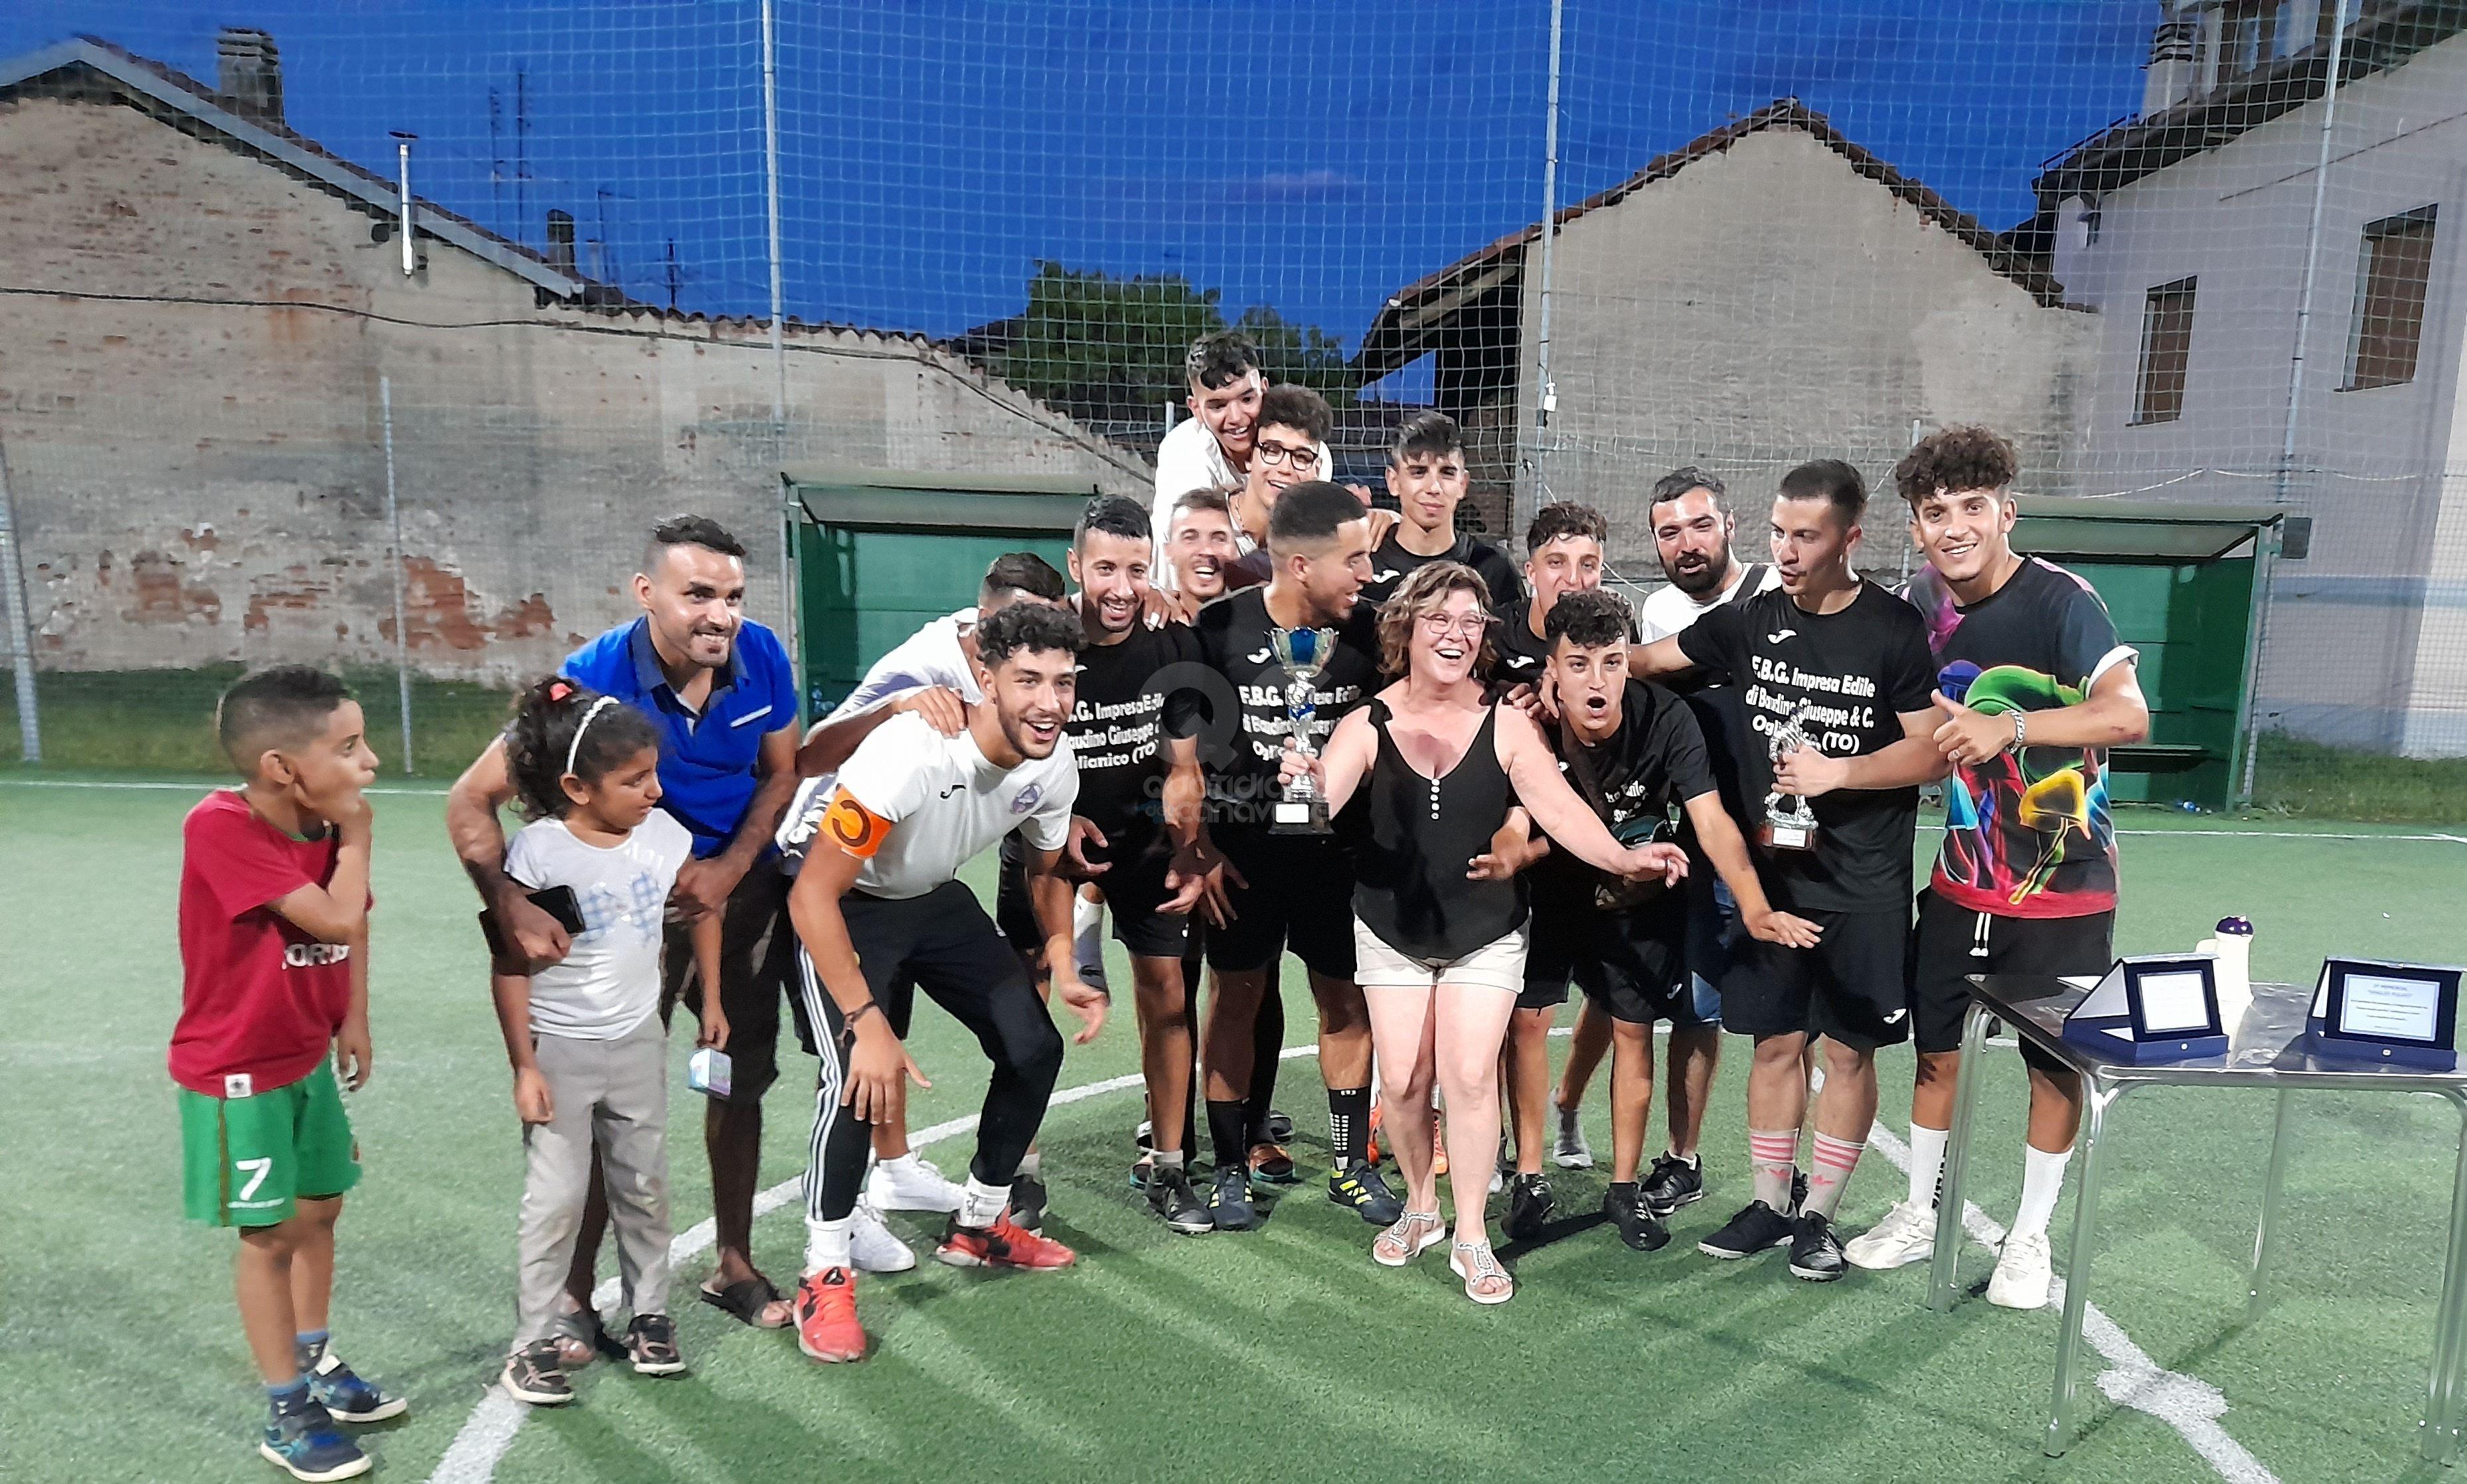 FAVRIA - Dodici ore di sport, calcio e divertimento in ricordo di Domenico Costanzo e Fulvio Doglio